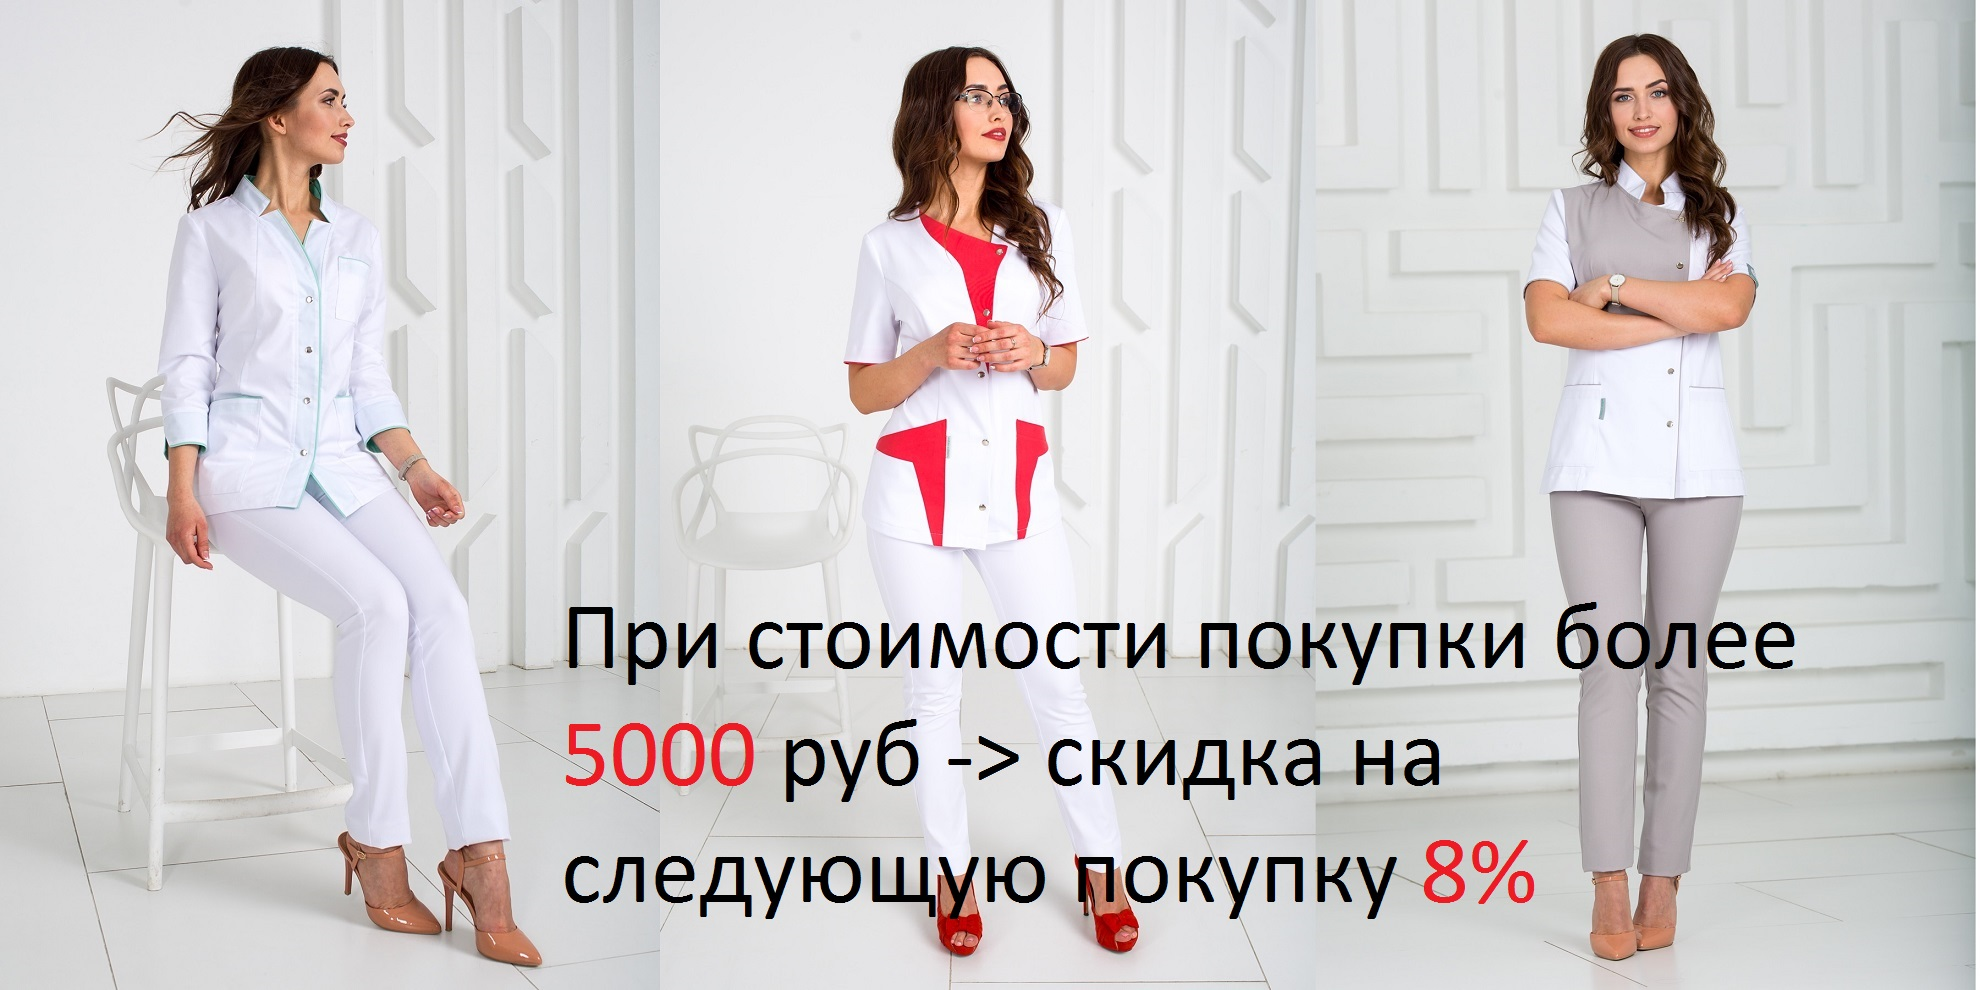 При стоимости покупки более 5000 руб -> скидка на следующую покупку 8%